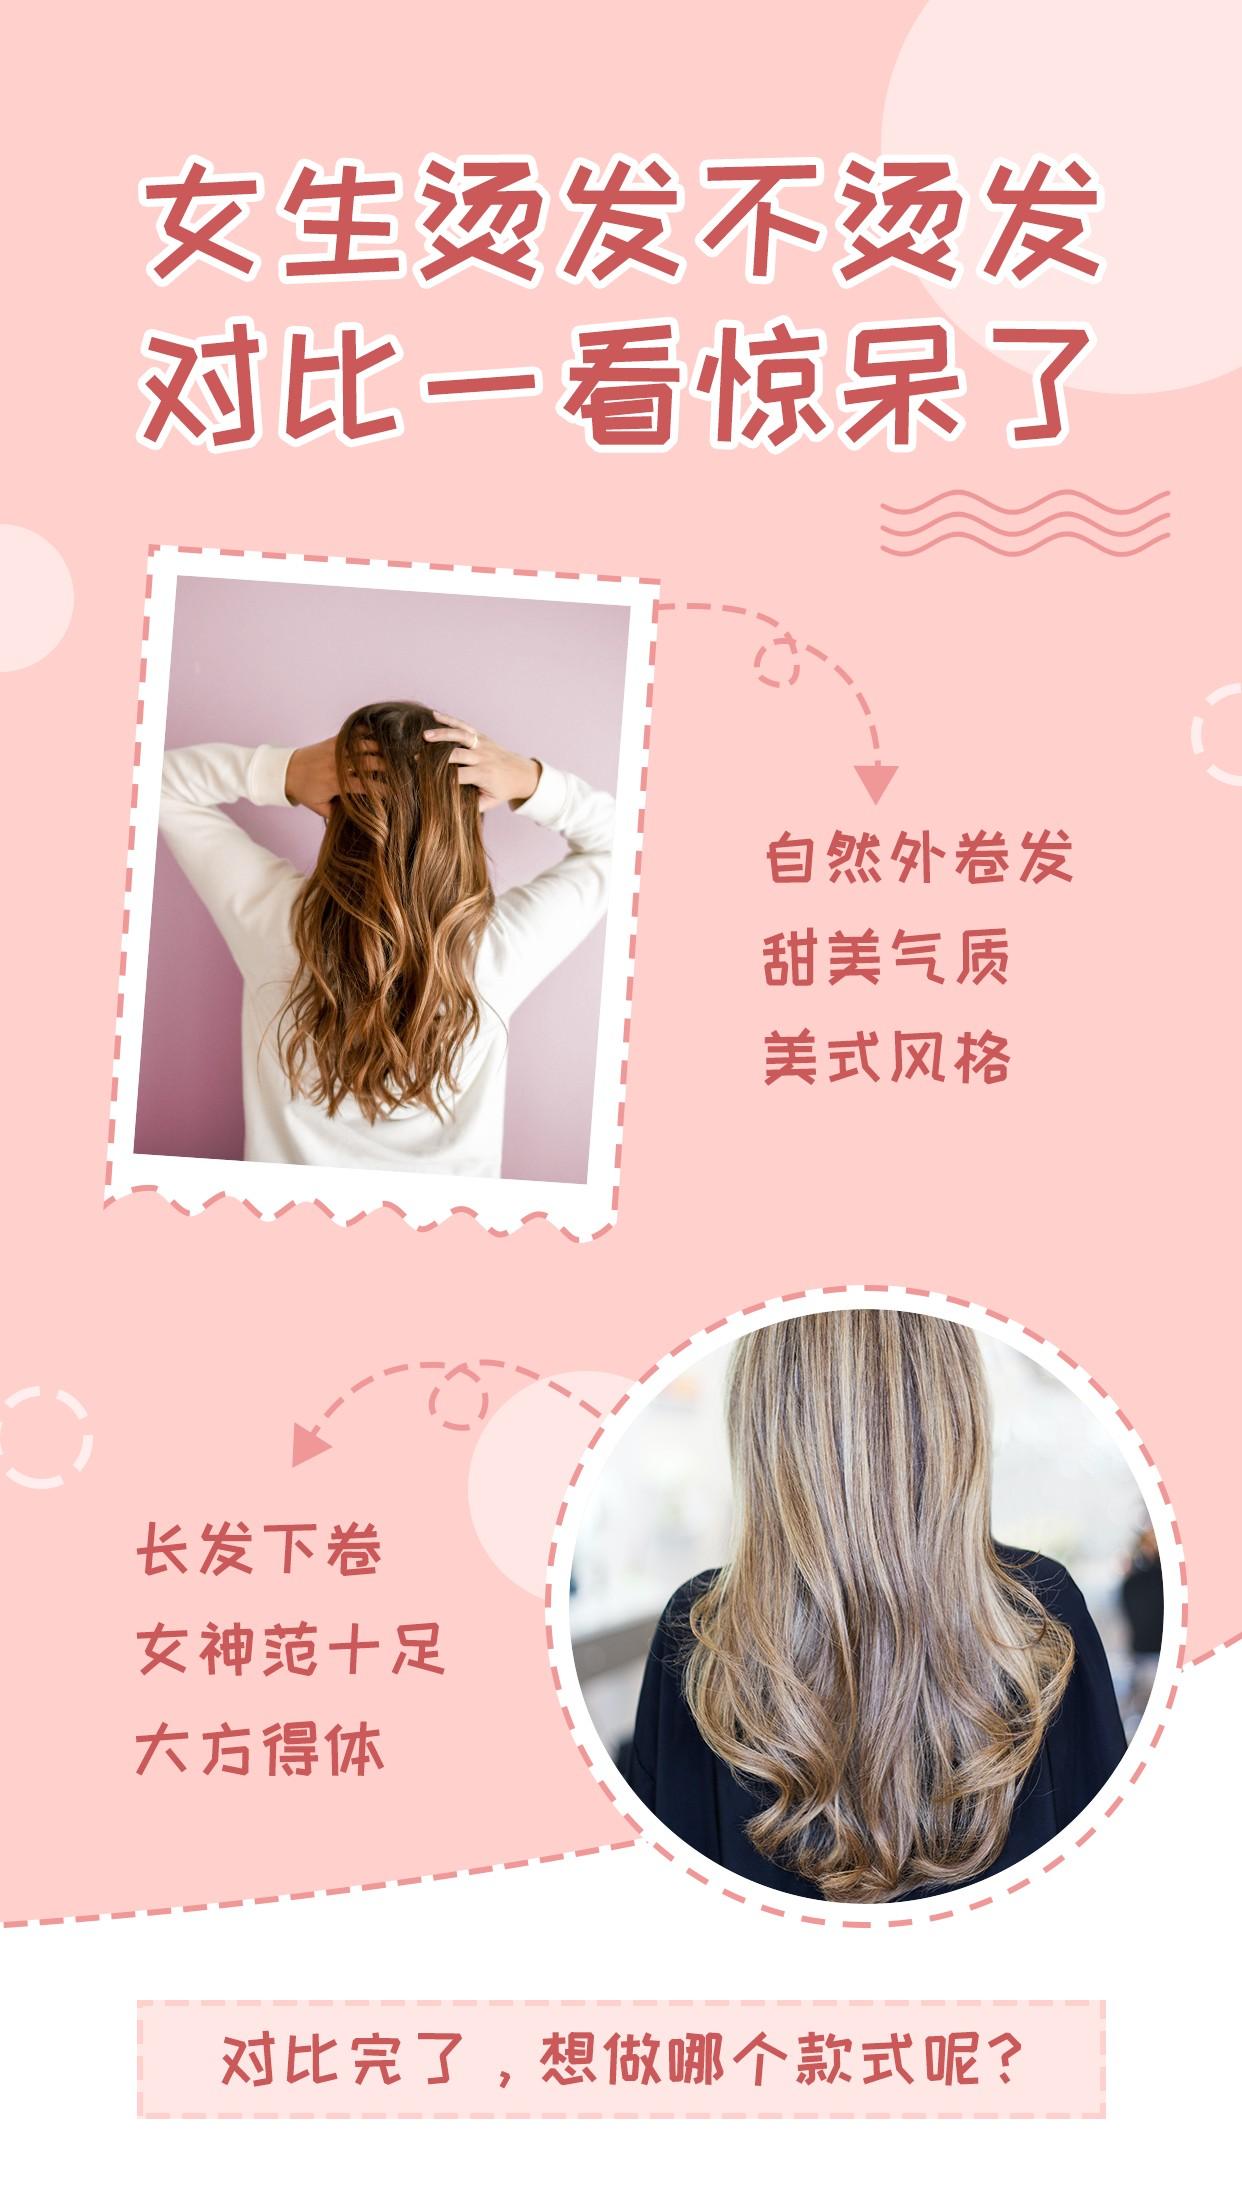 小清新美容美妆产品对比图手机海报